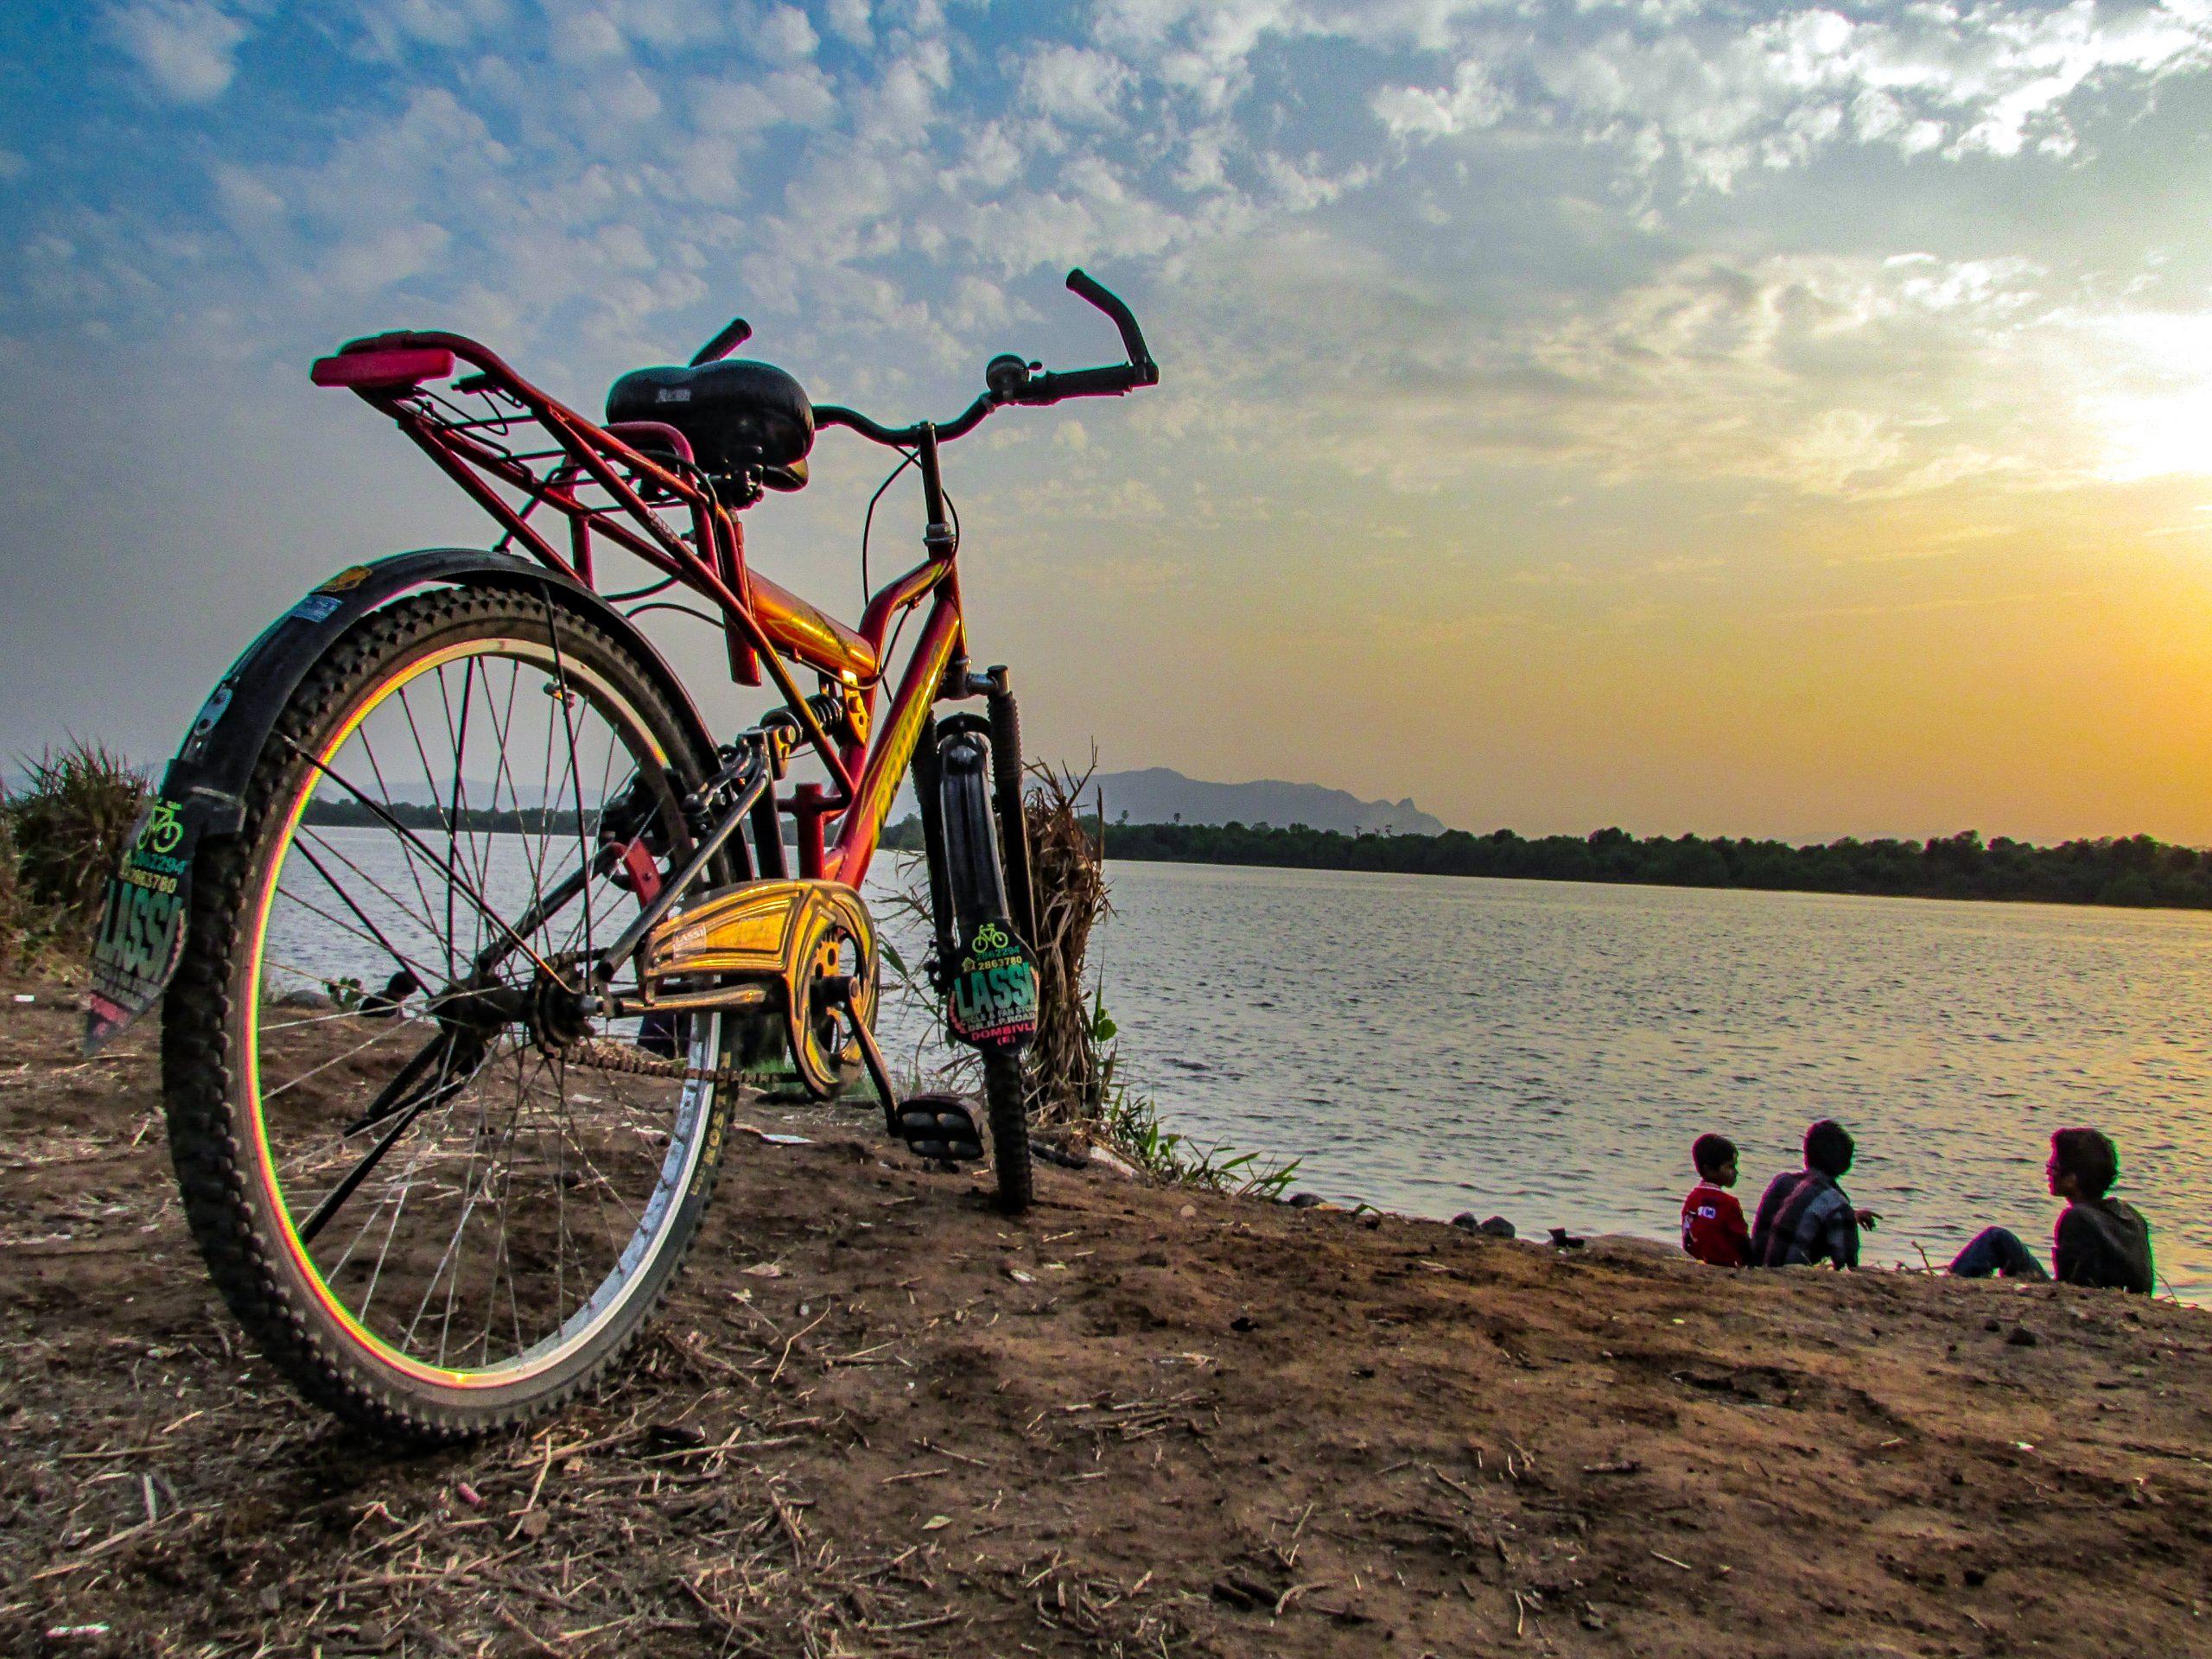 Friends enjoying sunset beside the river.